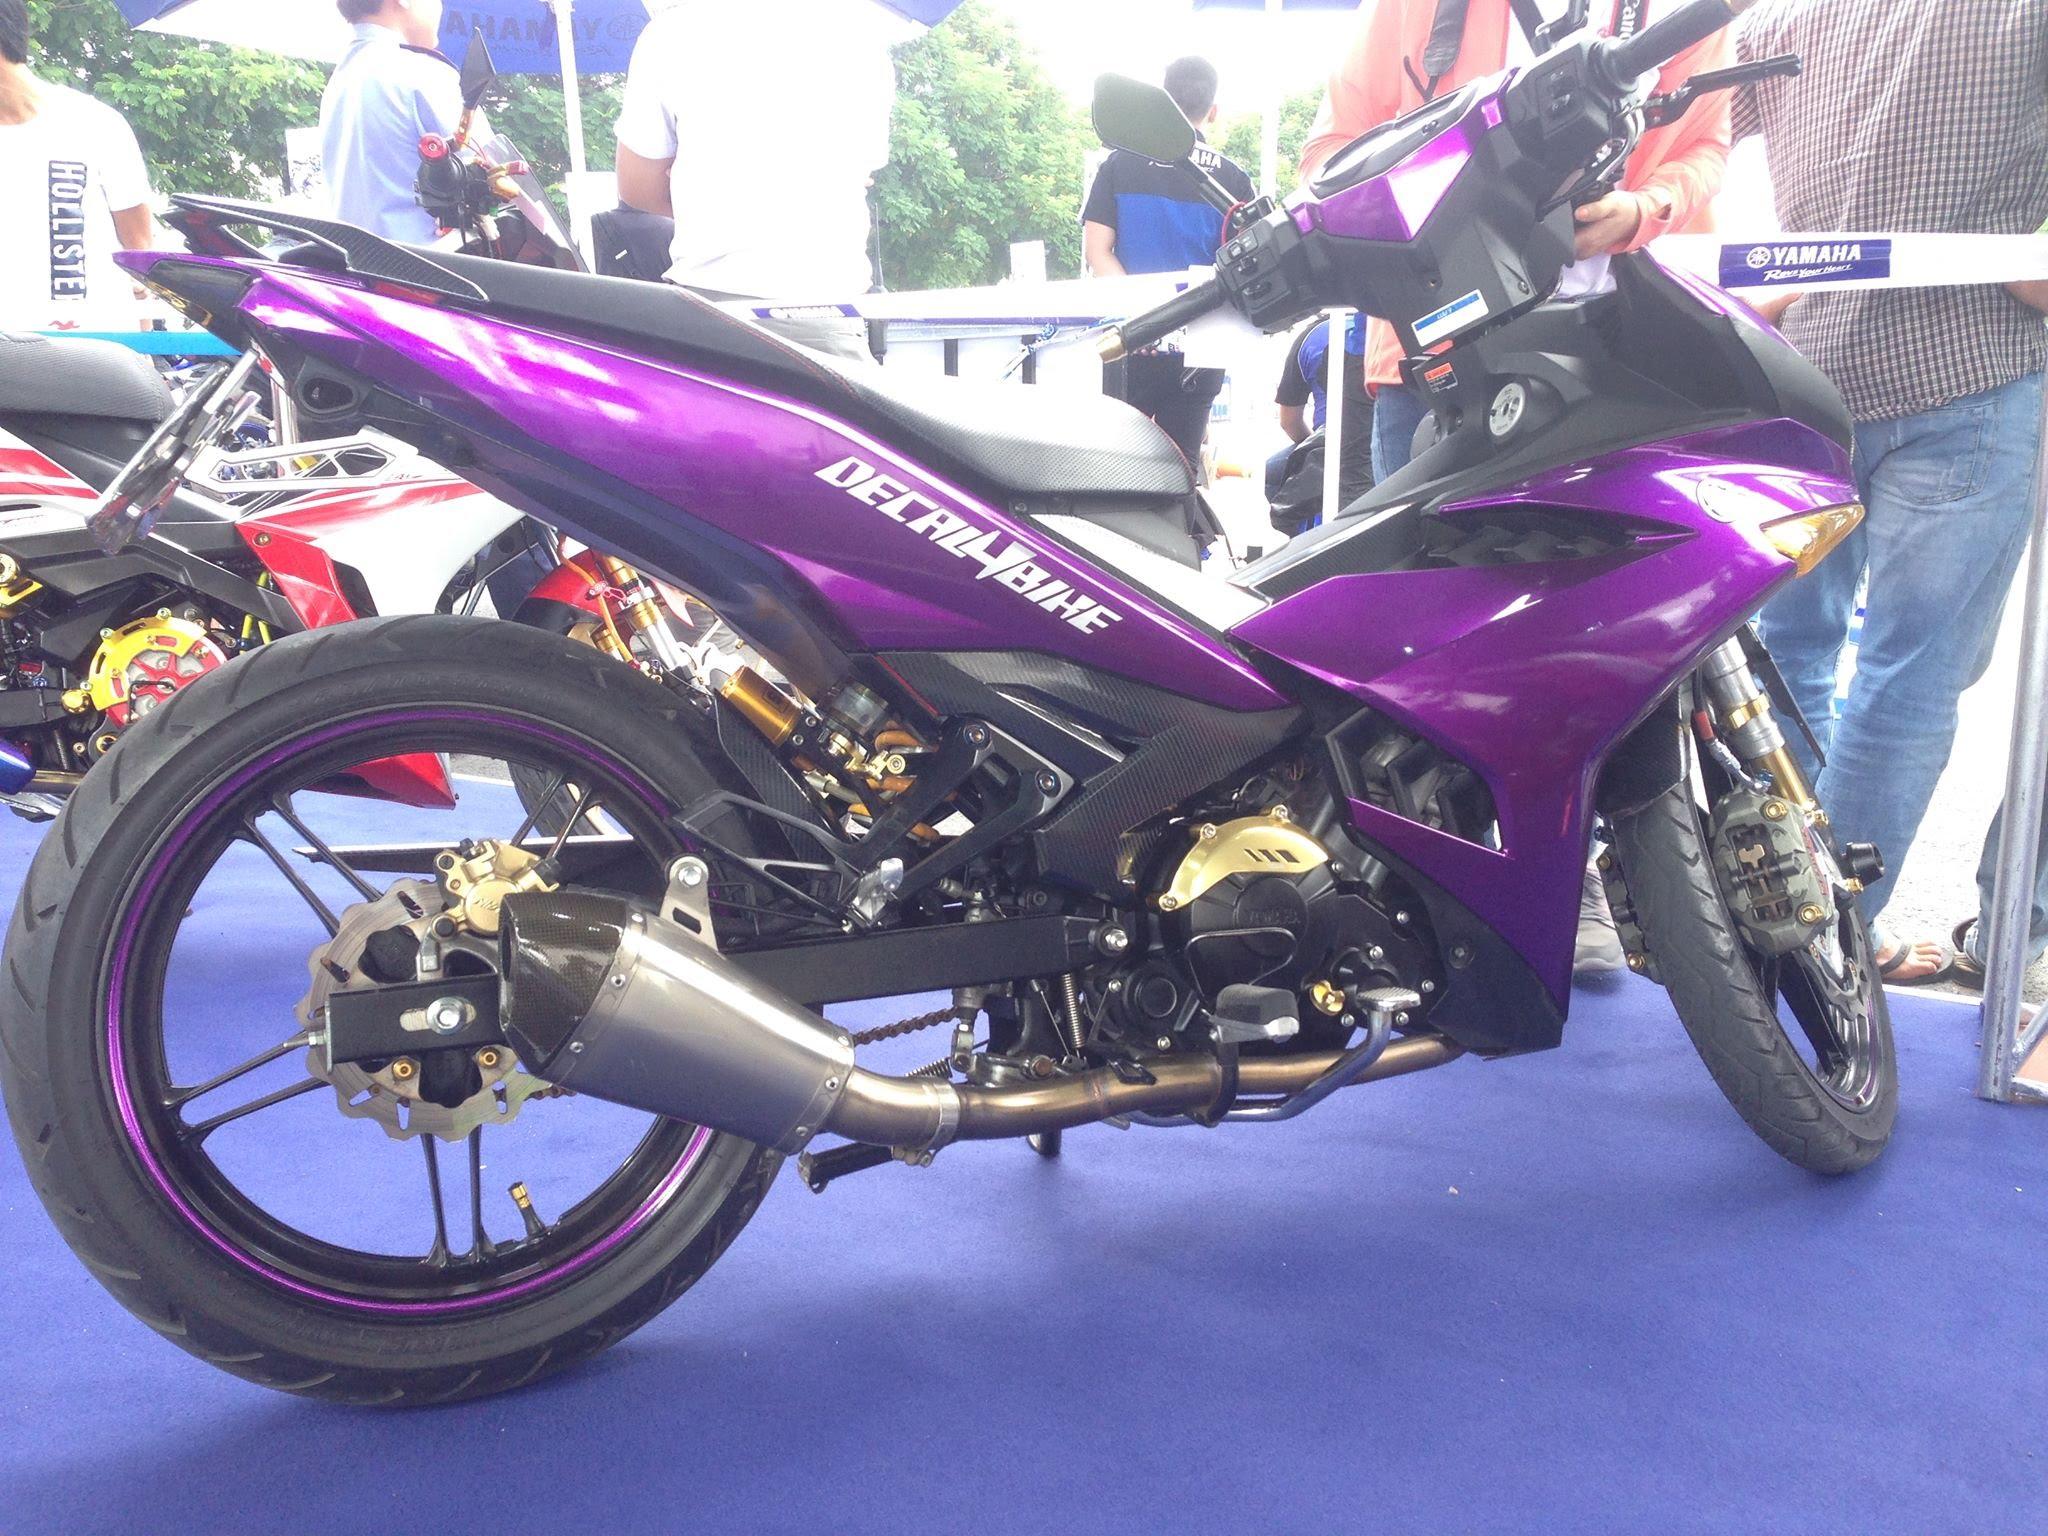 maxresdefault12 Cận cảnh Exciter 150 độ màu tím Crom của Biker Sài Gòn